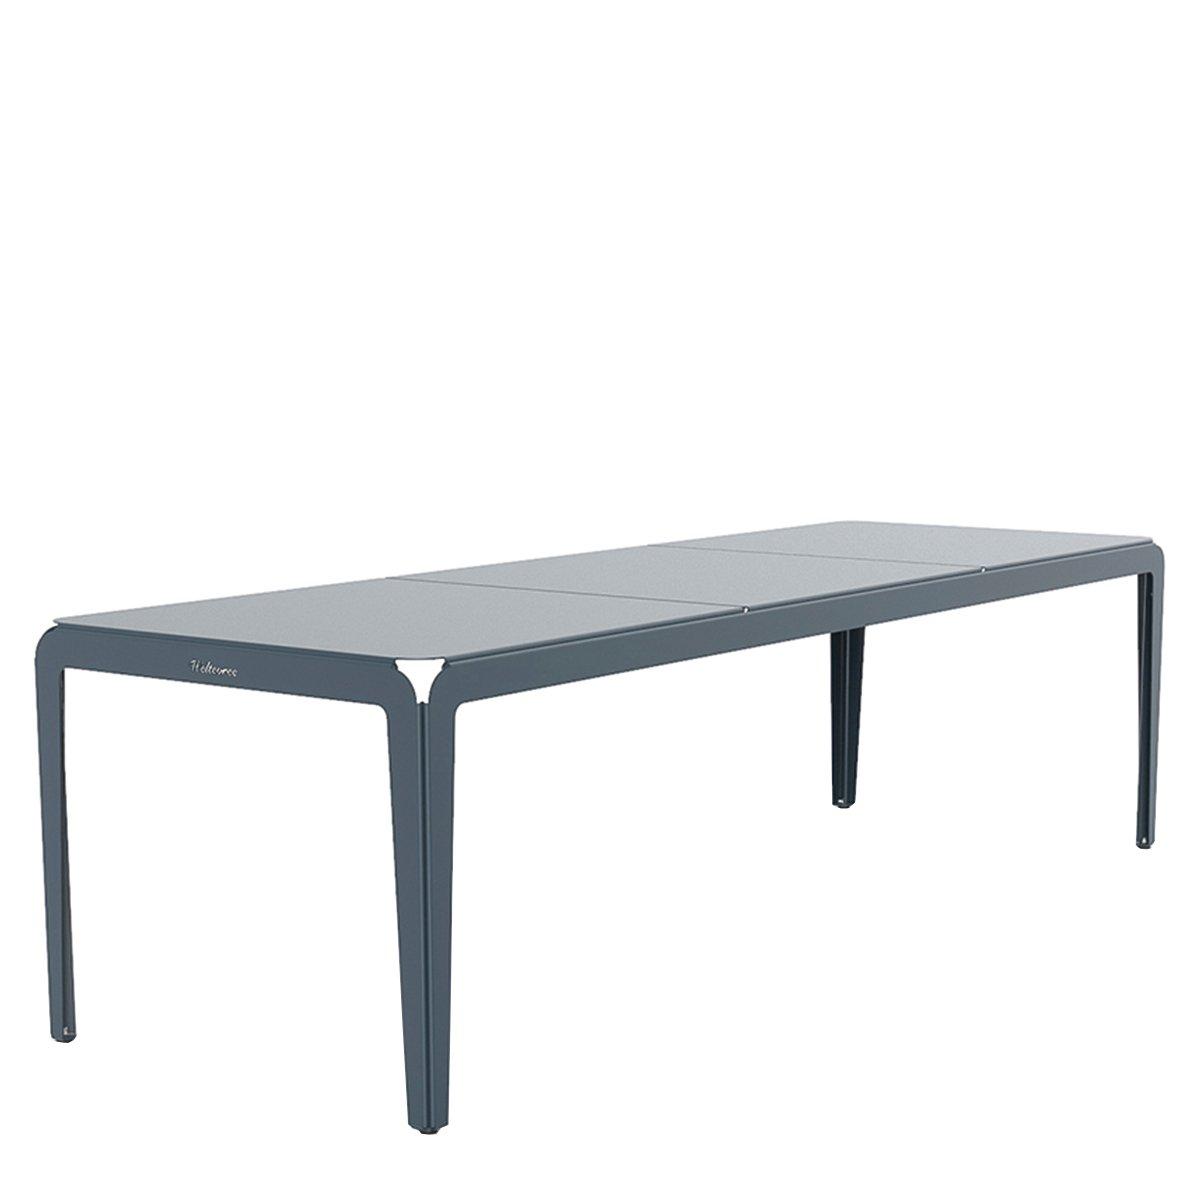 Weltevree Bended Tafel - Grey Blue 270x90x75